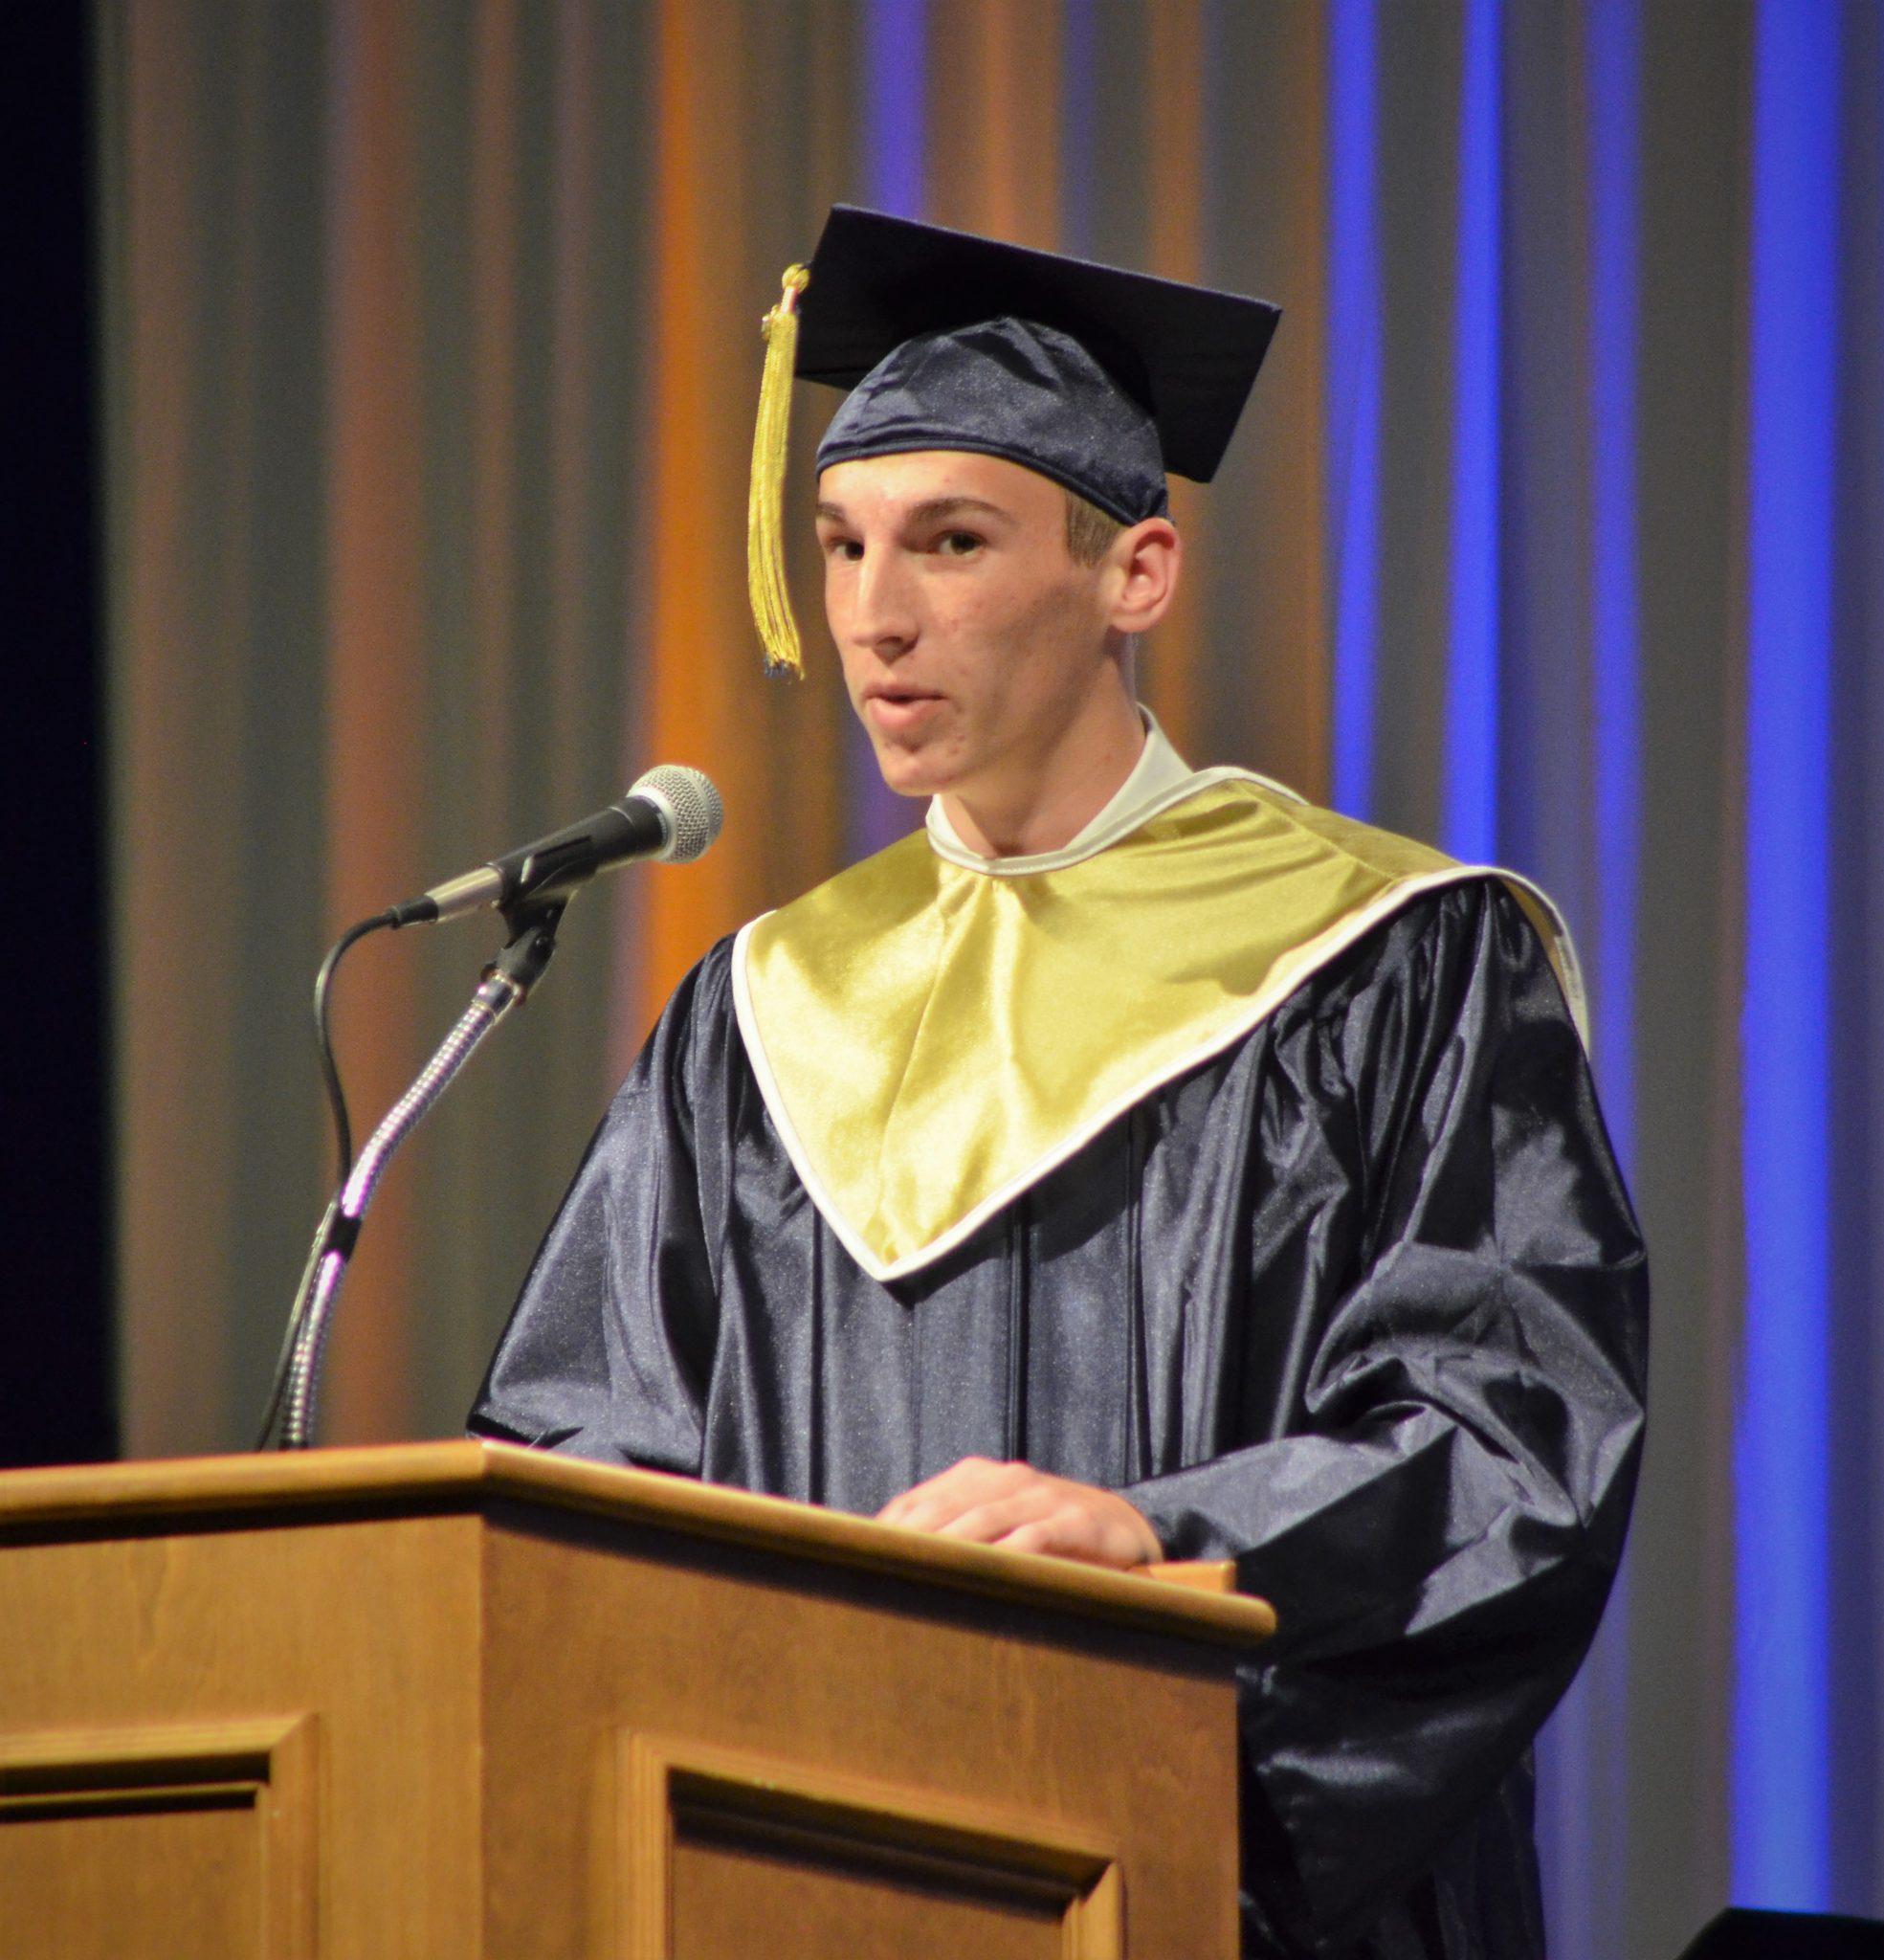 Speaker Derek Davis